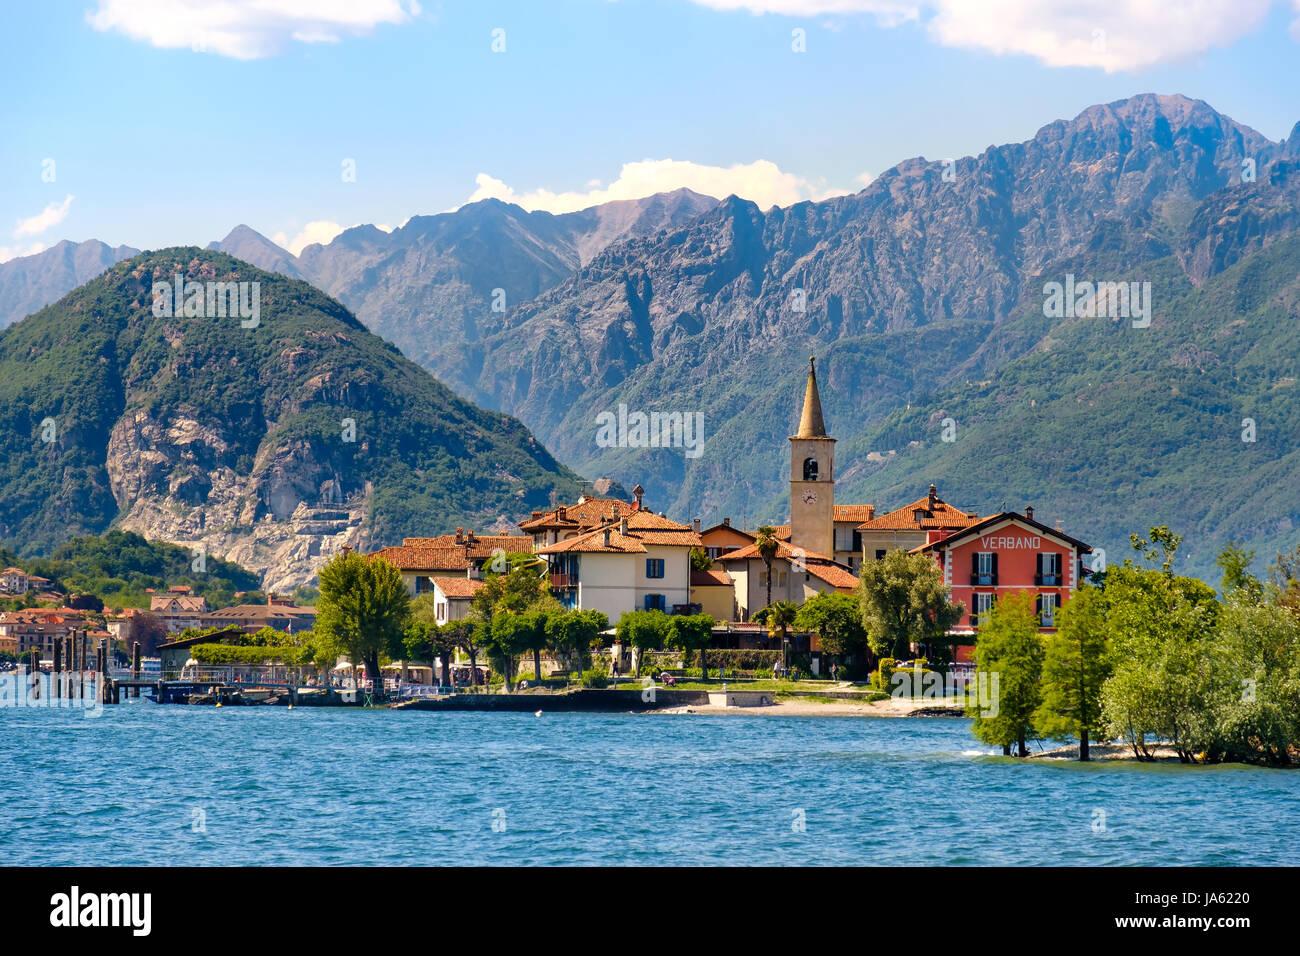 Isola dei Pescatori (Fishermen's Island) on Lake Maggiore, Stresa village, Piedmont region, Italy - Stock Image